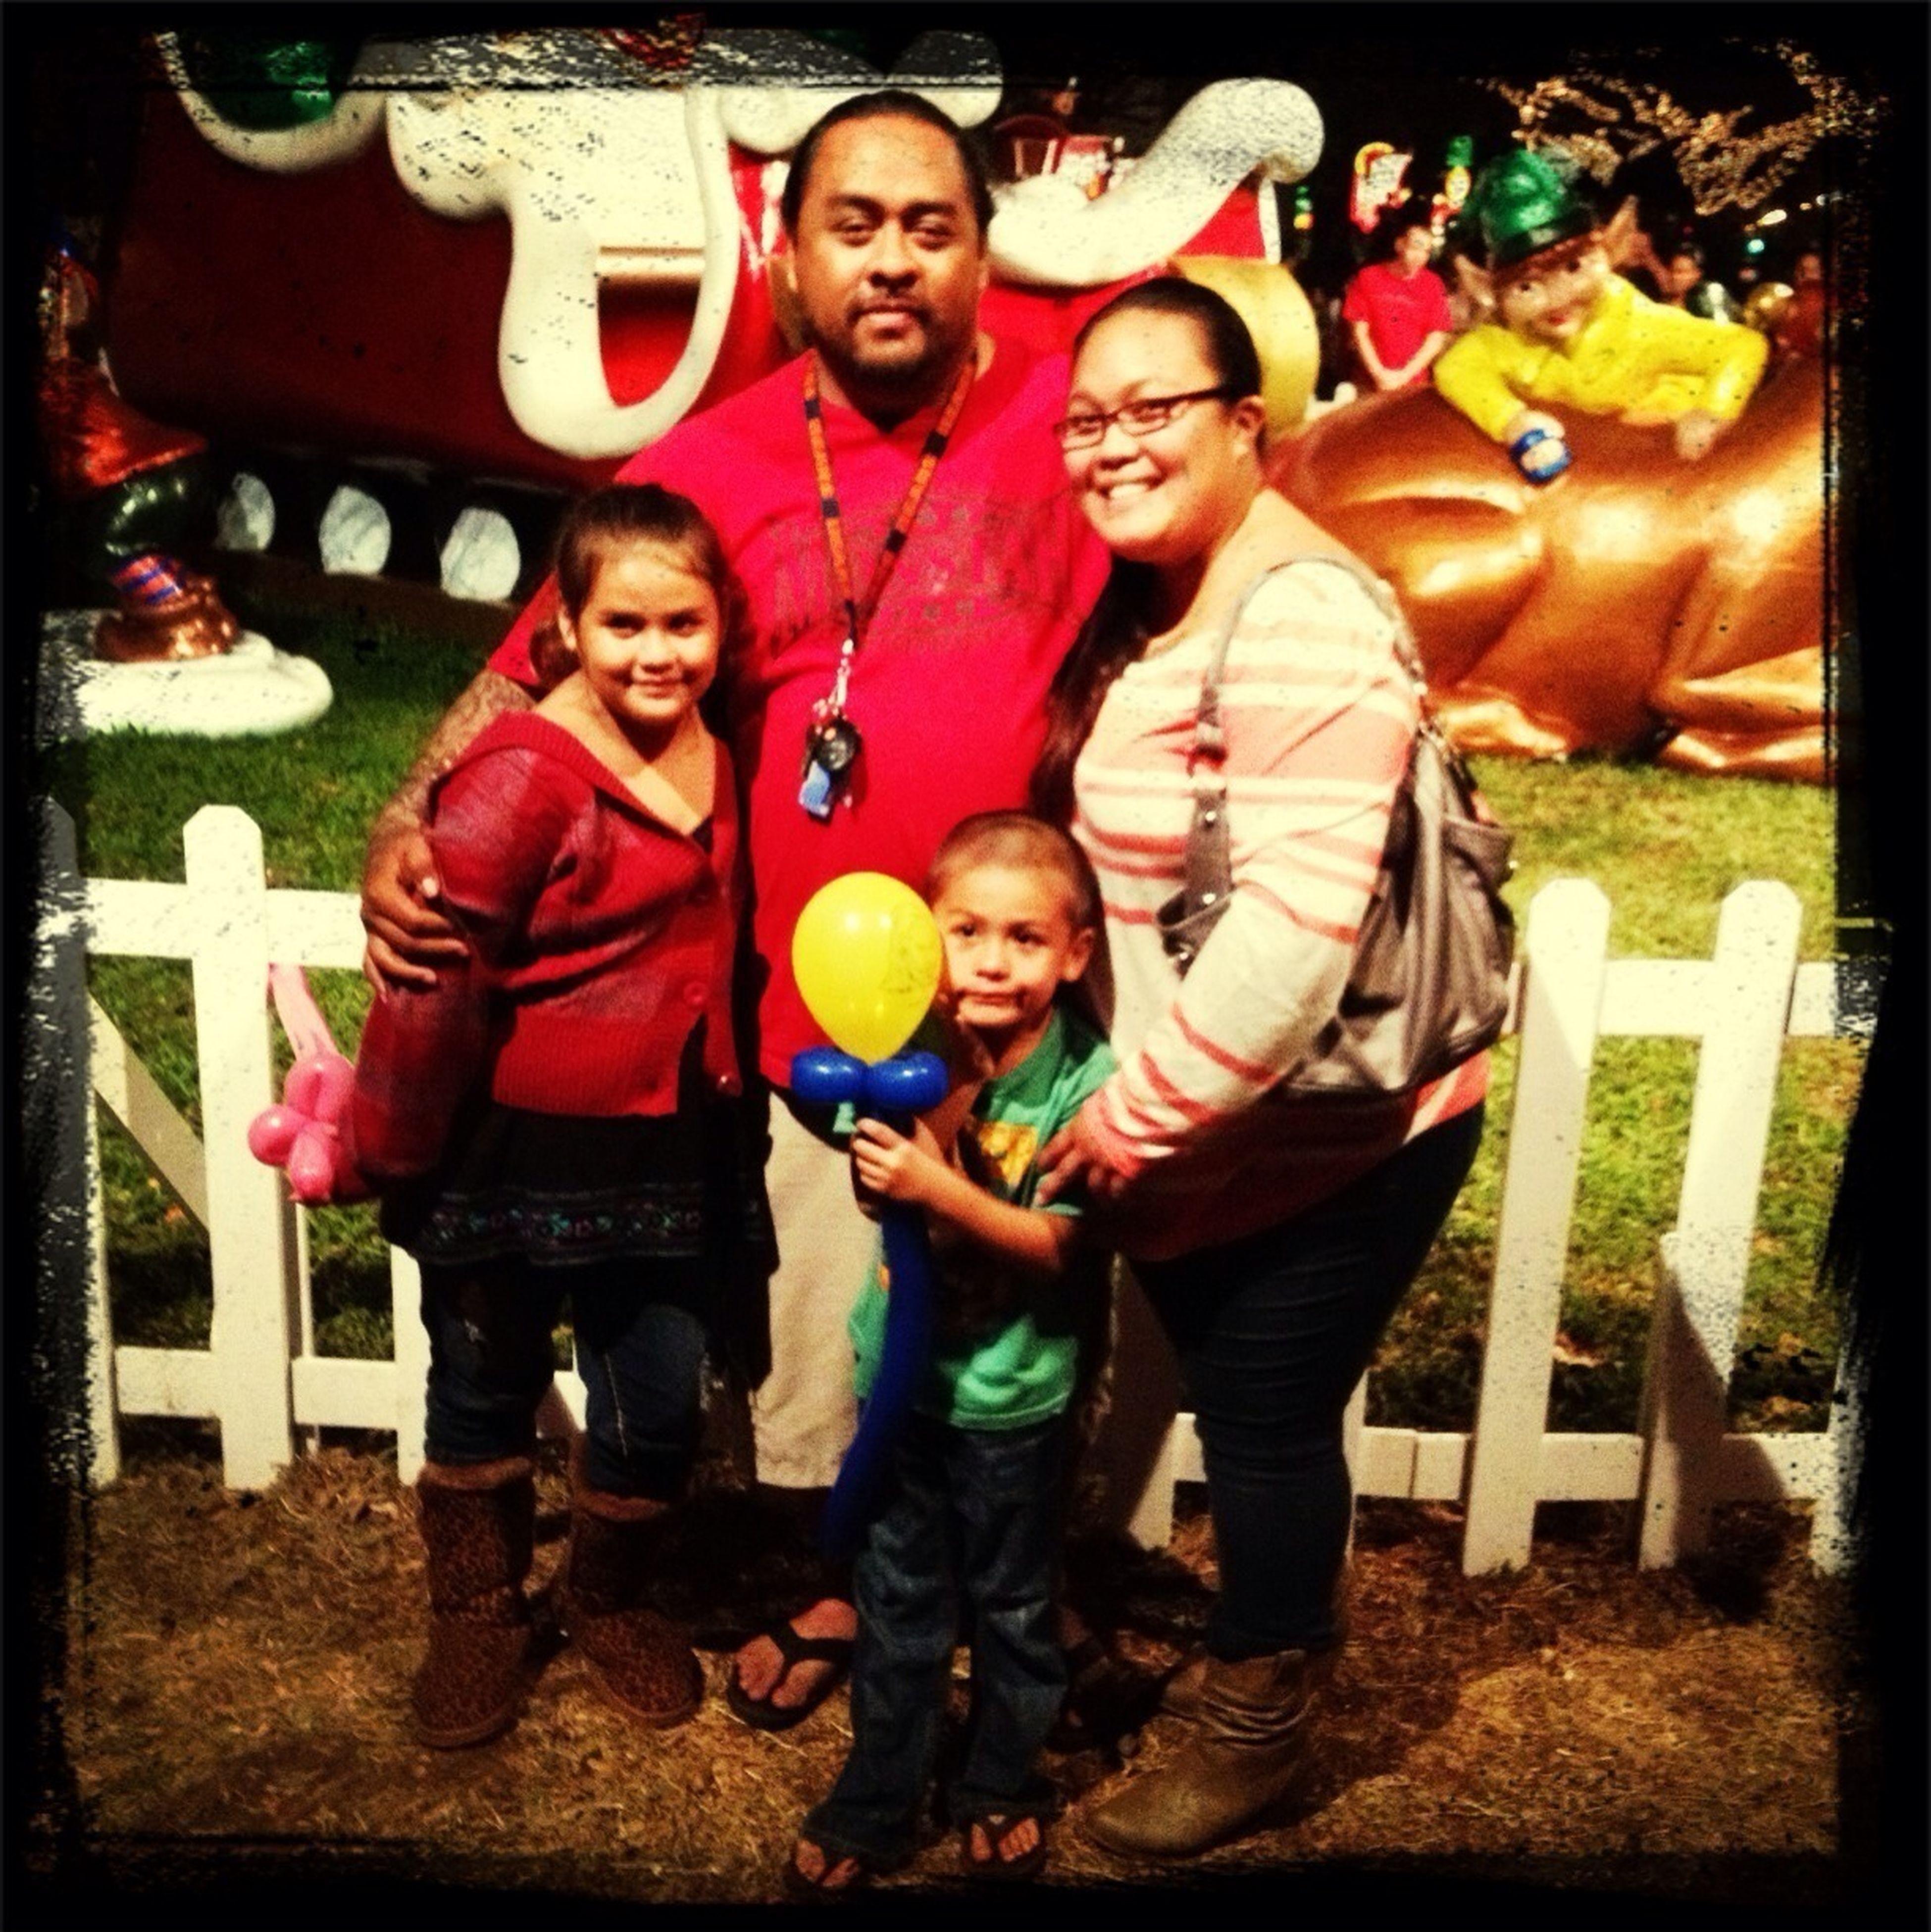 Mele Kalikimaka e hauʻoli makahiki hou kakou!! Merry Christmas and Happy New year to you all!!! From my family to urs!!